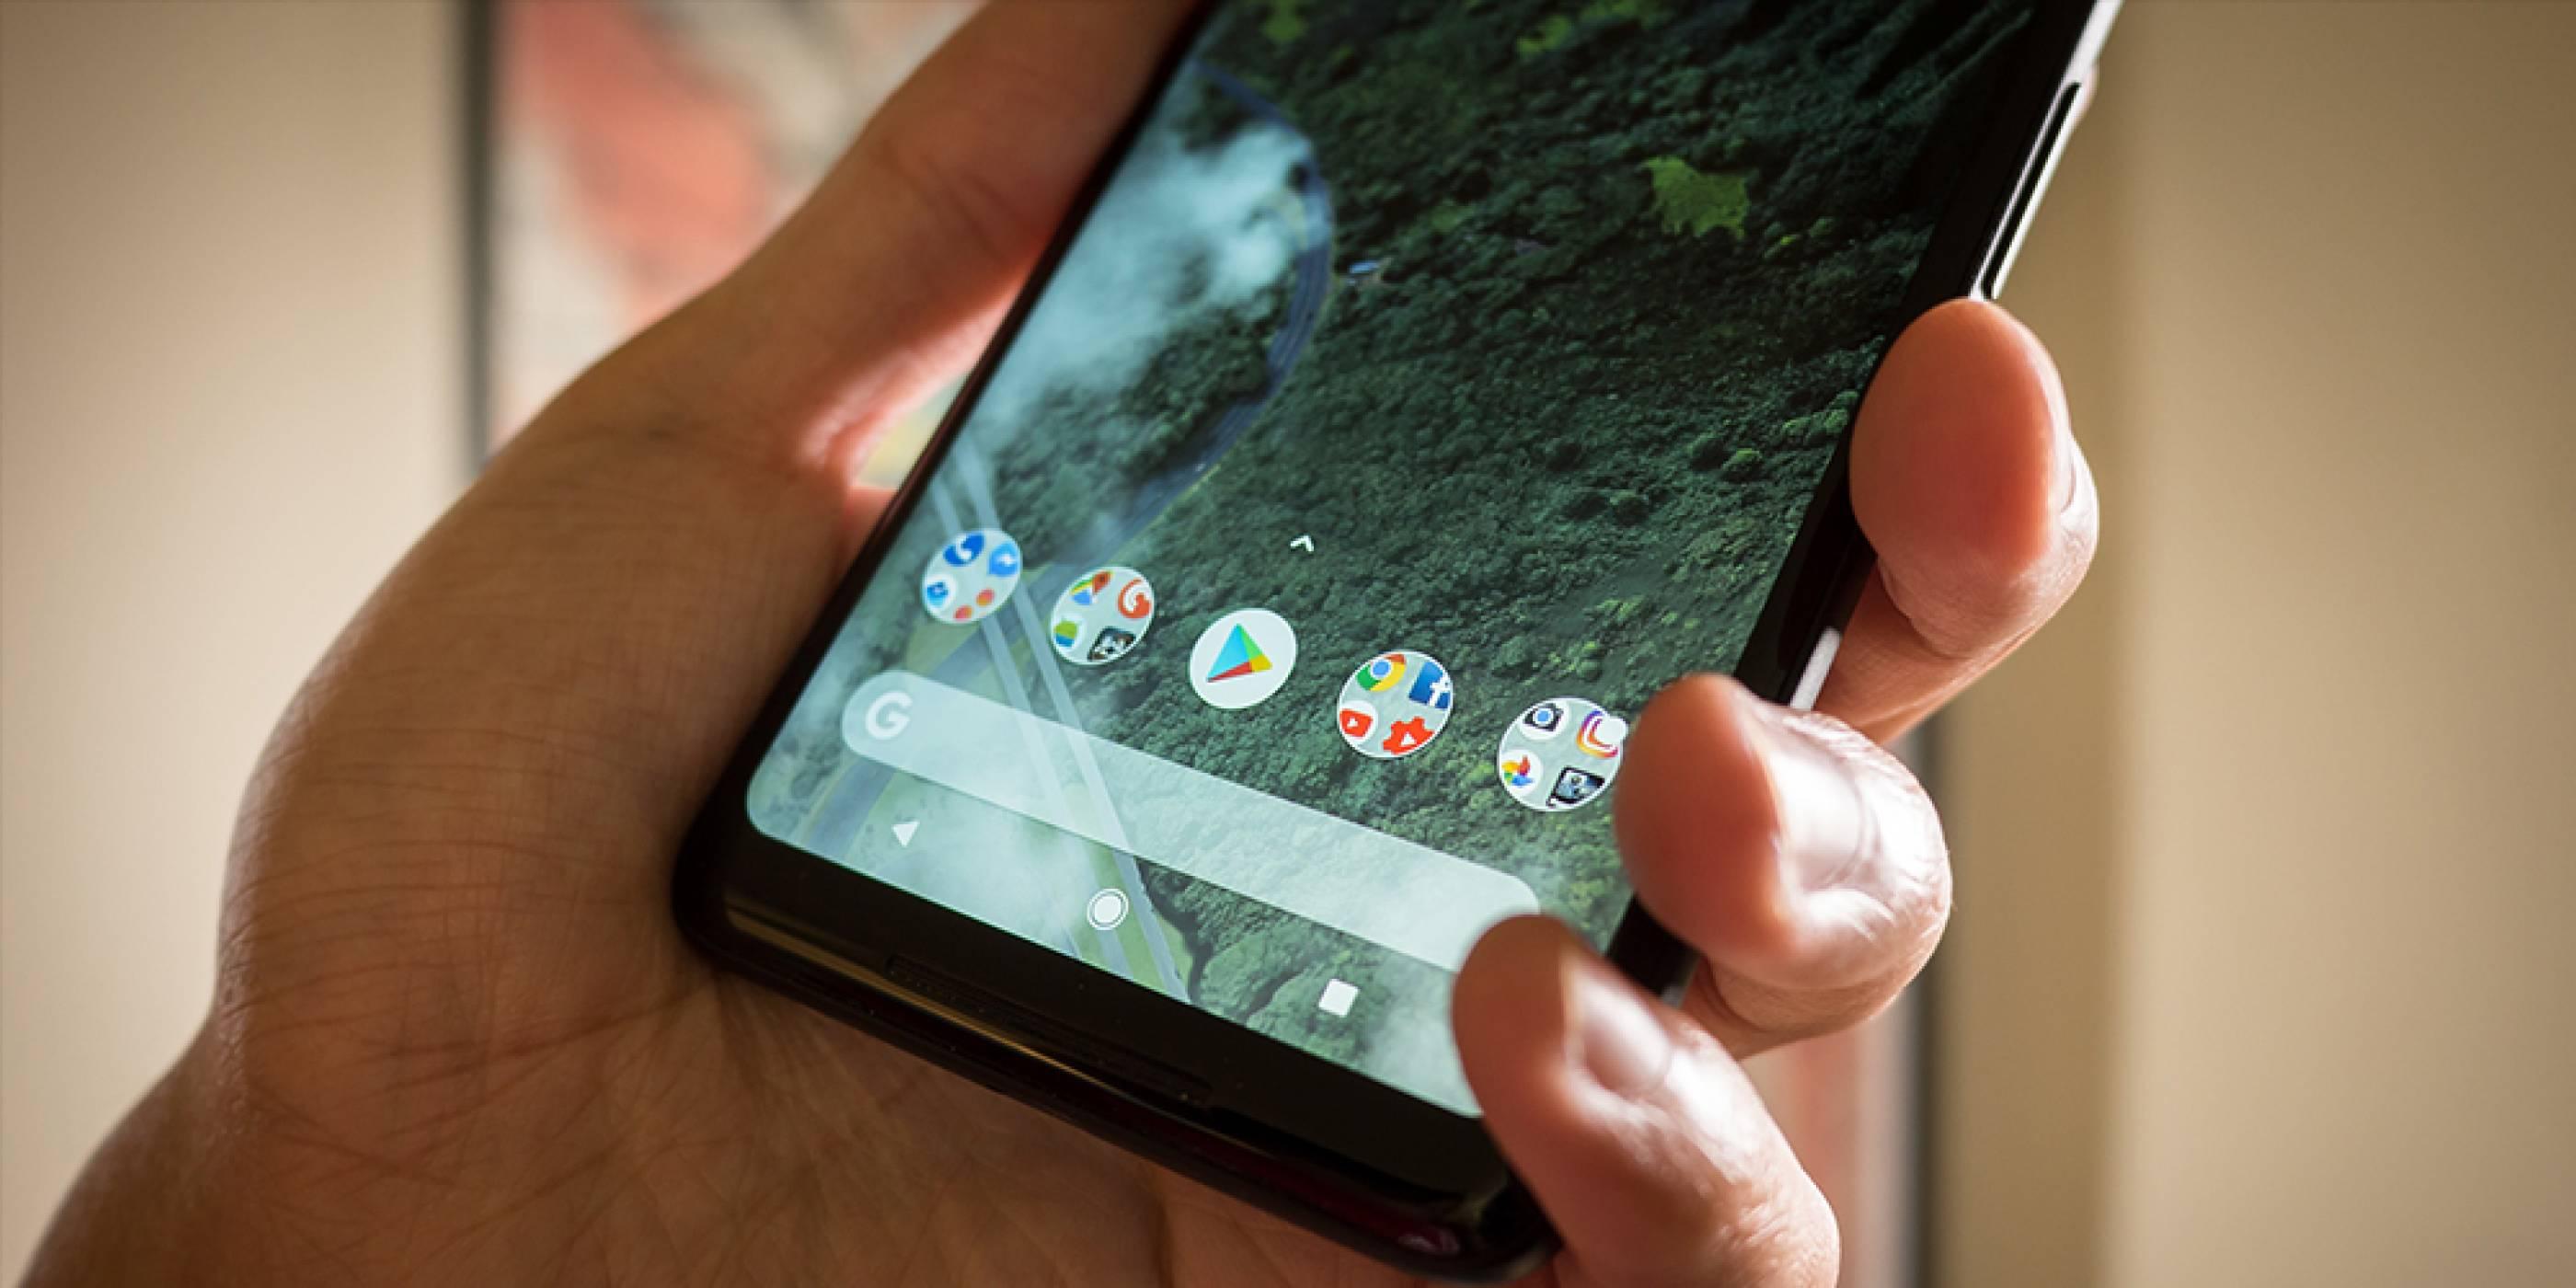 Pixel 2 XL има проблем с отзивчивостта на екрана, но Google има решение